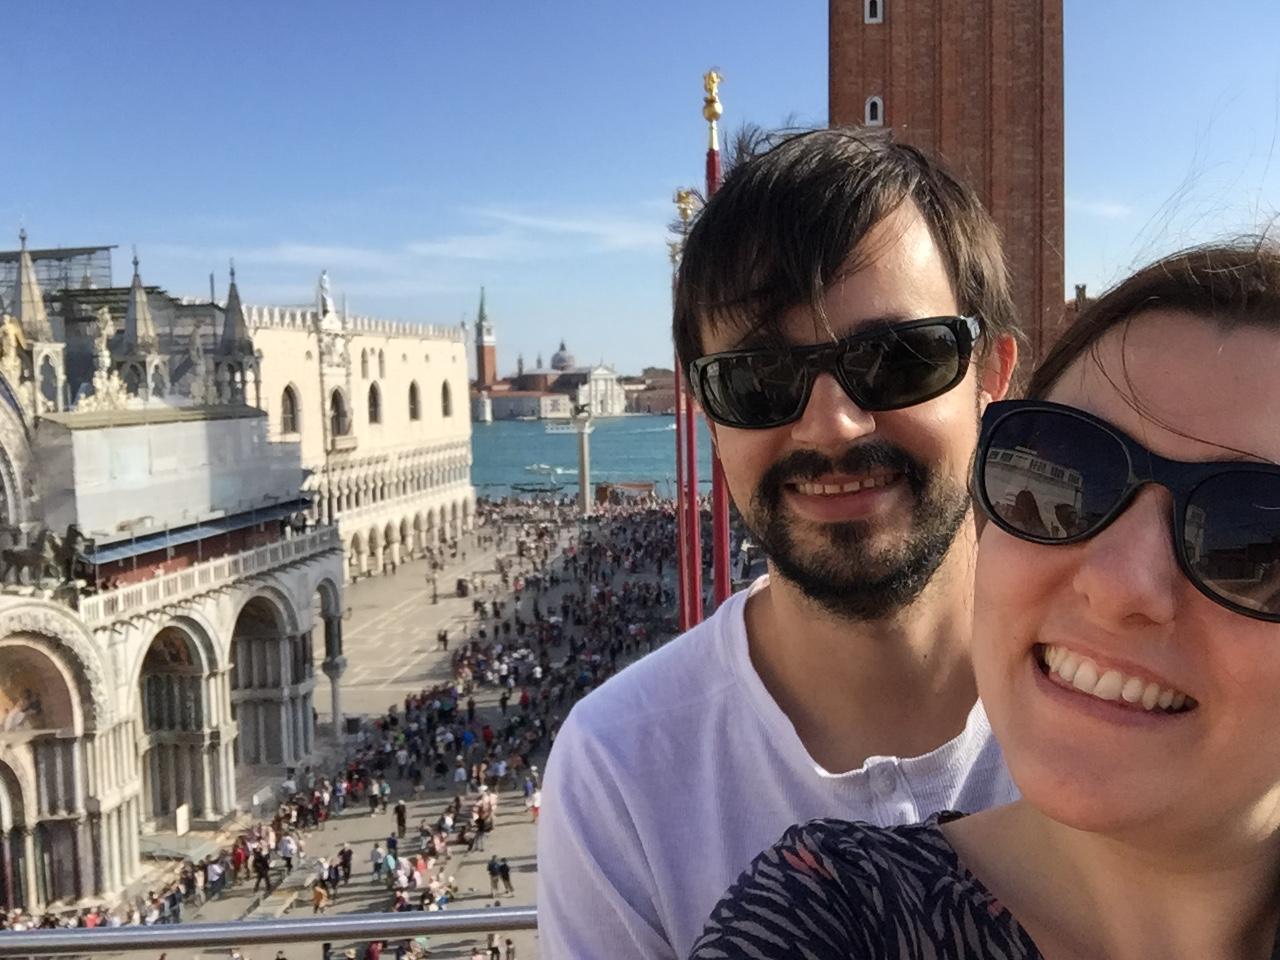 img 1577 - Subiendo al reloj astronómico de Venecia y Panoramica de la Piazza San Marcos